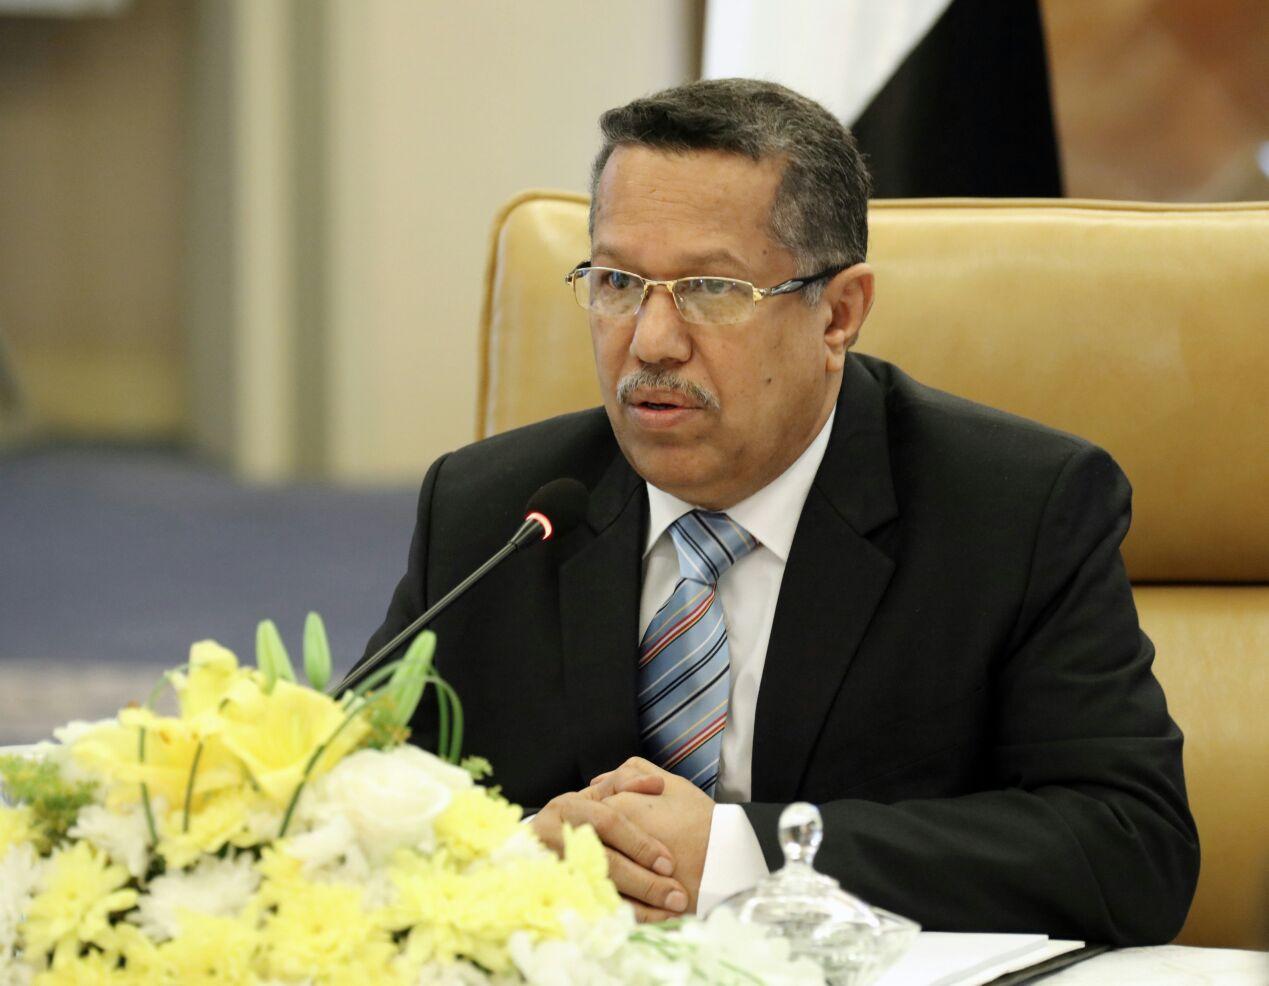 بن دغر يصدر قرار بتشكيل لجنة للتحقيق بادعاءات انتهاك حقوق الإنسان